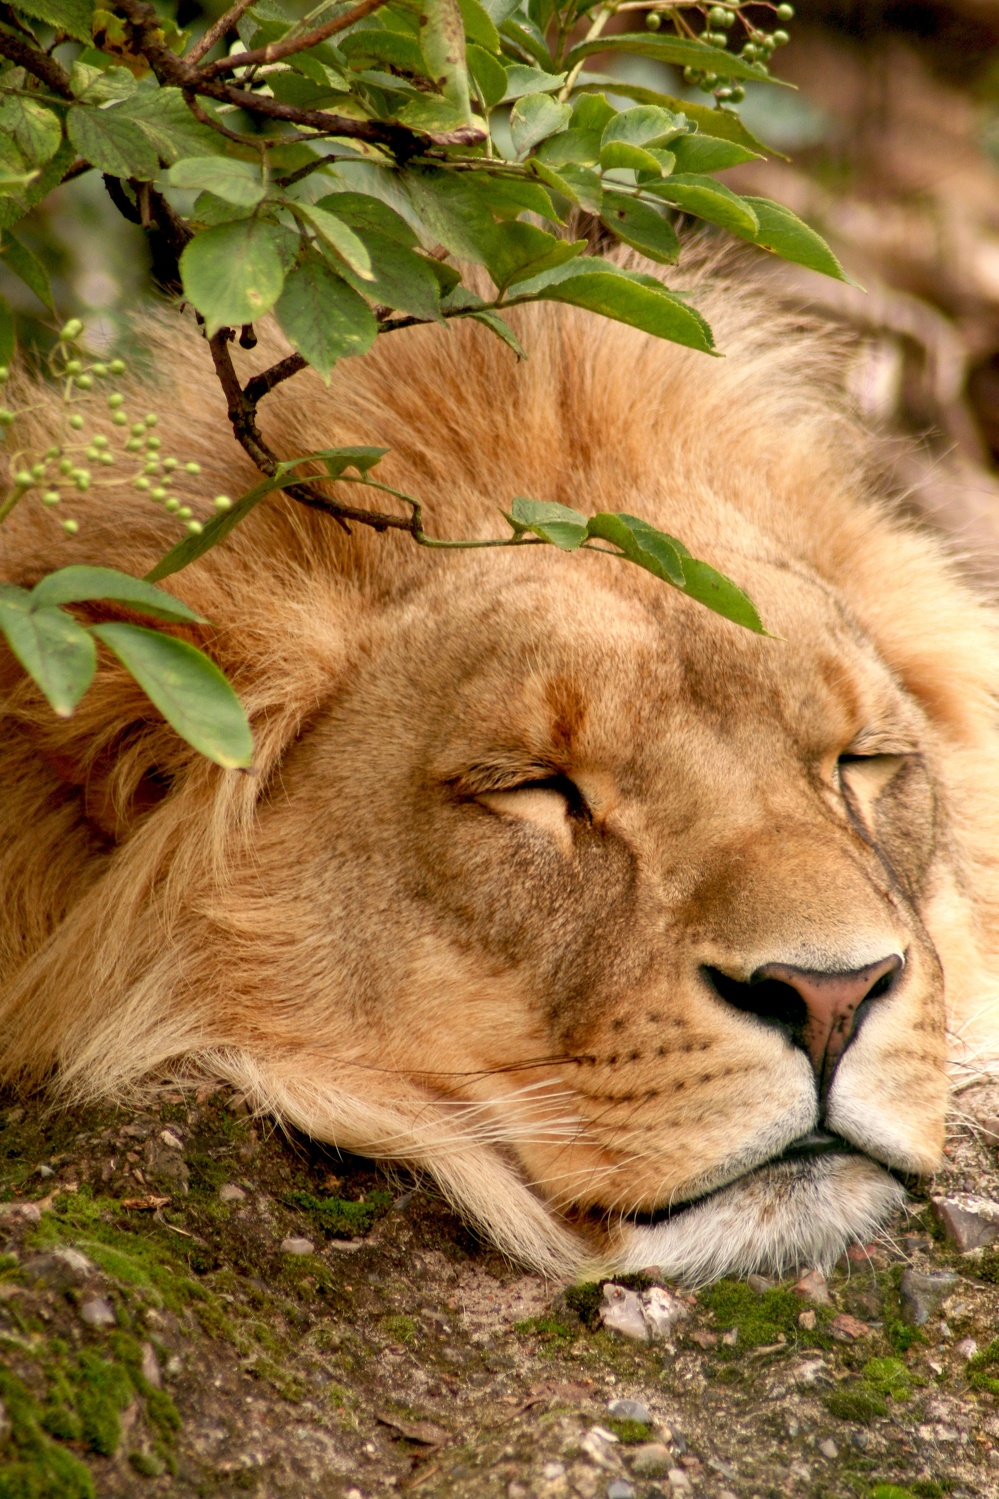 Bild mit Tiere, Säugetiere, Natur, Pflanzen, Gräser, Orte, Parks, Zoos, Raubtiere, Katzenartige, Löwen, Tier, Löwe, Lion, Raubkatze, Raubkatzen